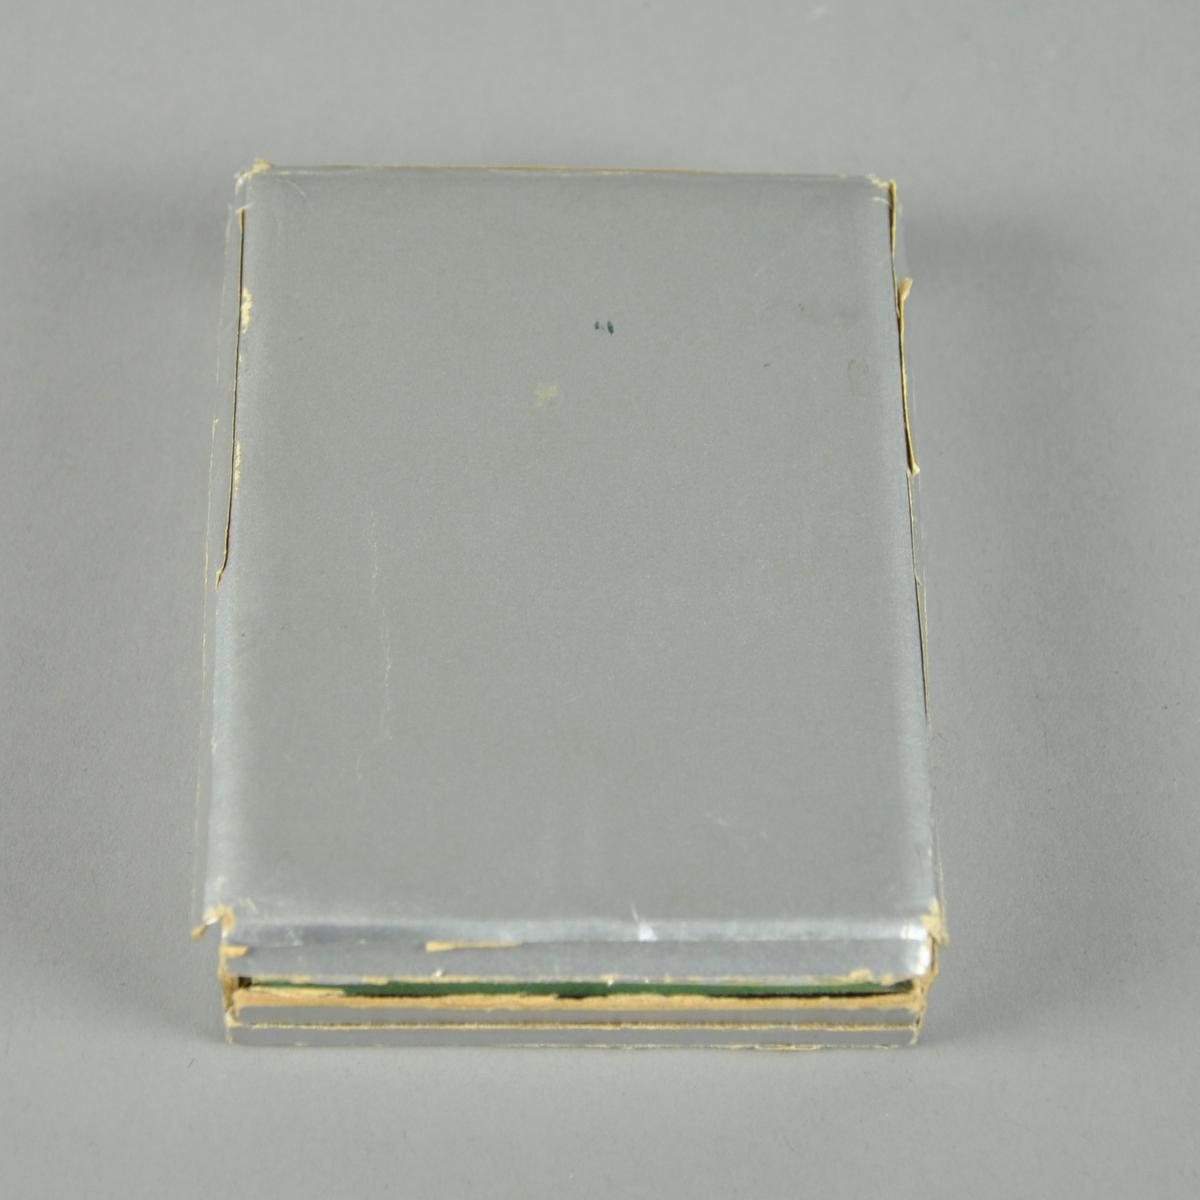 Etui til plakket fra 1940. Etuiet er av sølvfarget kartong med grønn fløyelspute. Rektangulær form.